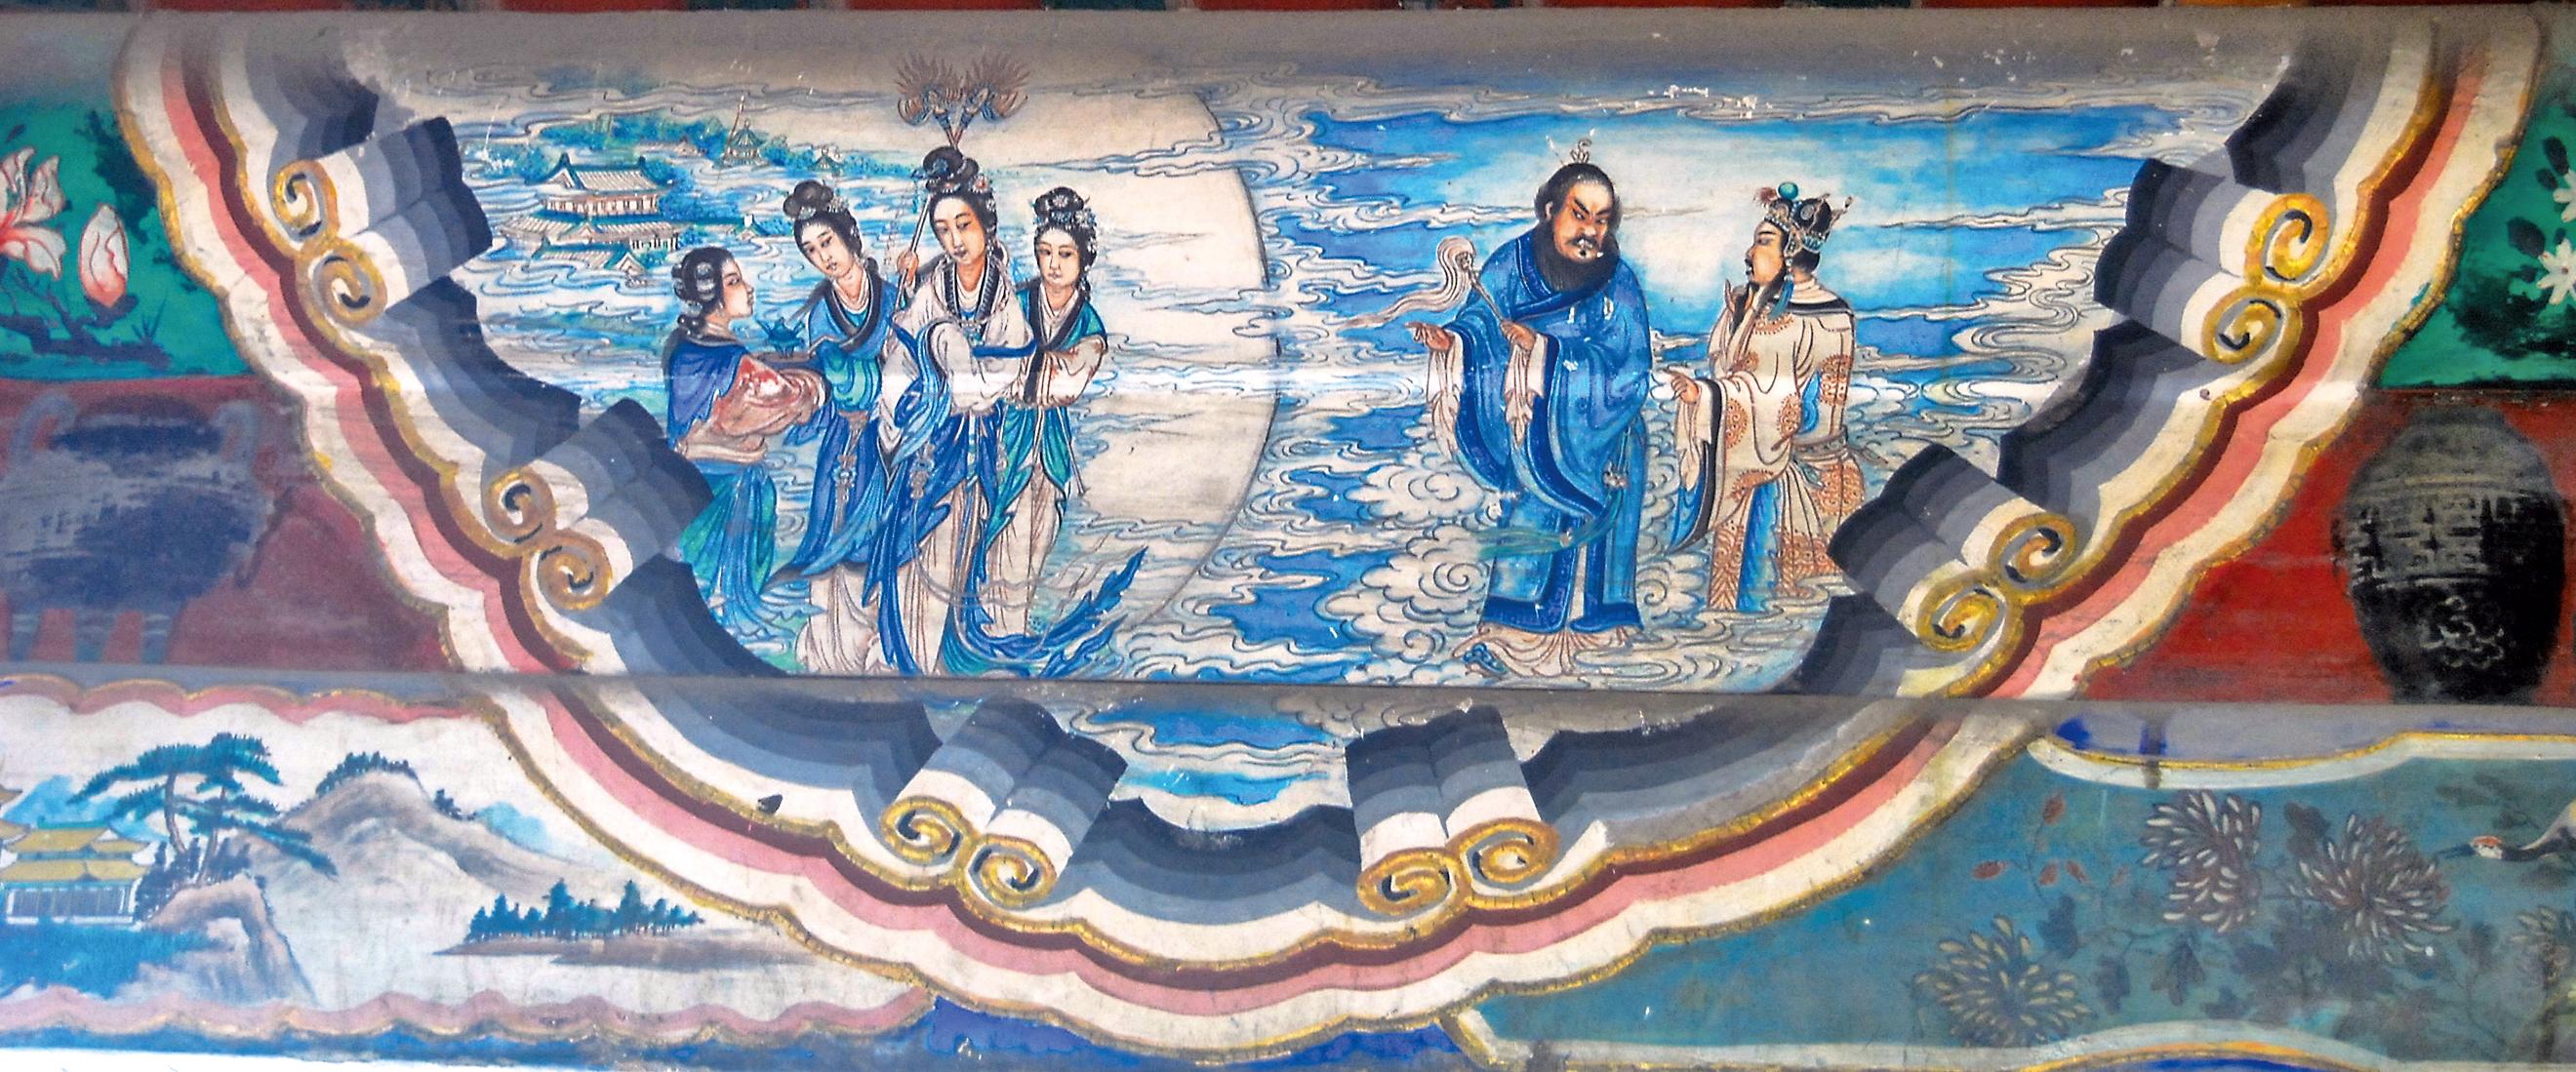 古今中外,許多著名的賢哲或詩人都曾有過類似於神遊八極、身臨太虛的超常經歷。圖為北京頤和園長廊彩繪:唐玄宗遊月宮(Shizhao/Wikimedia Commons)